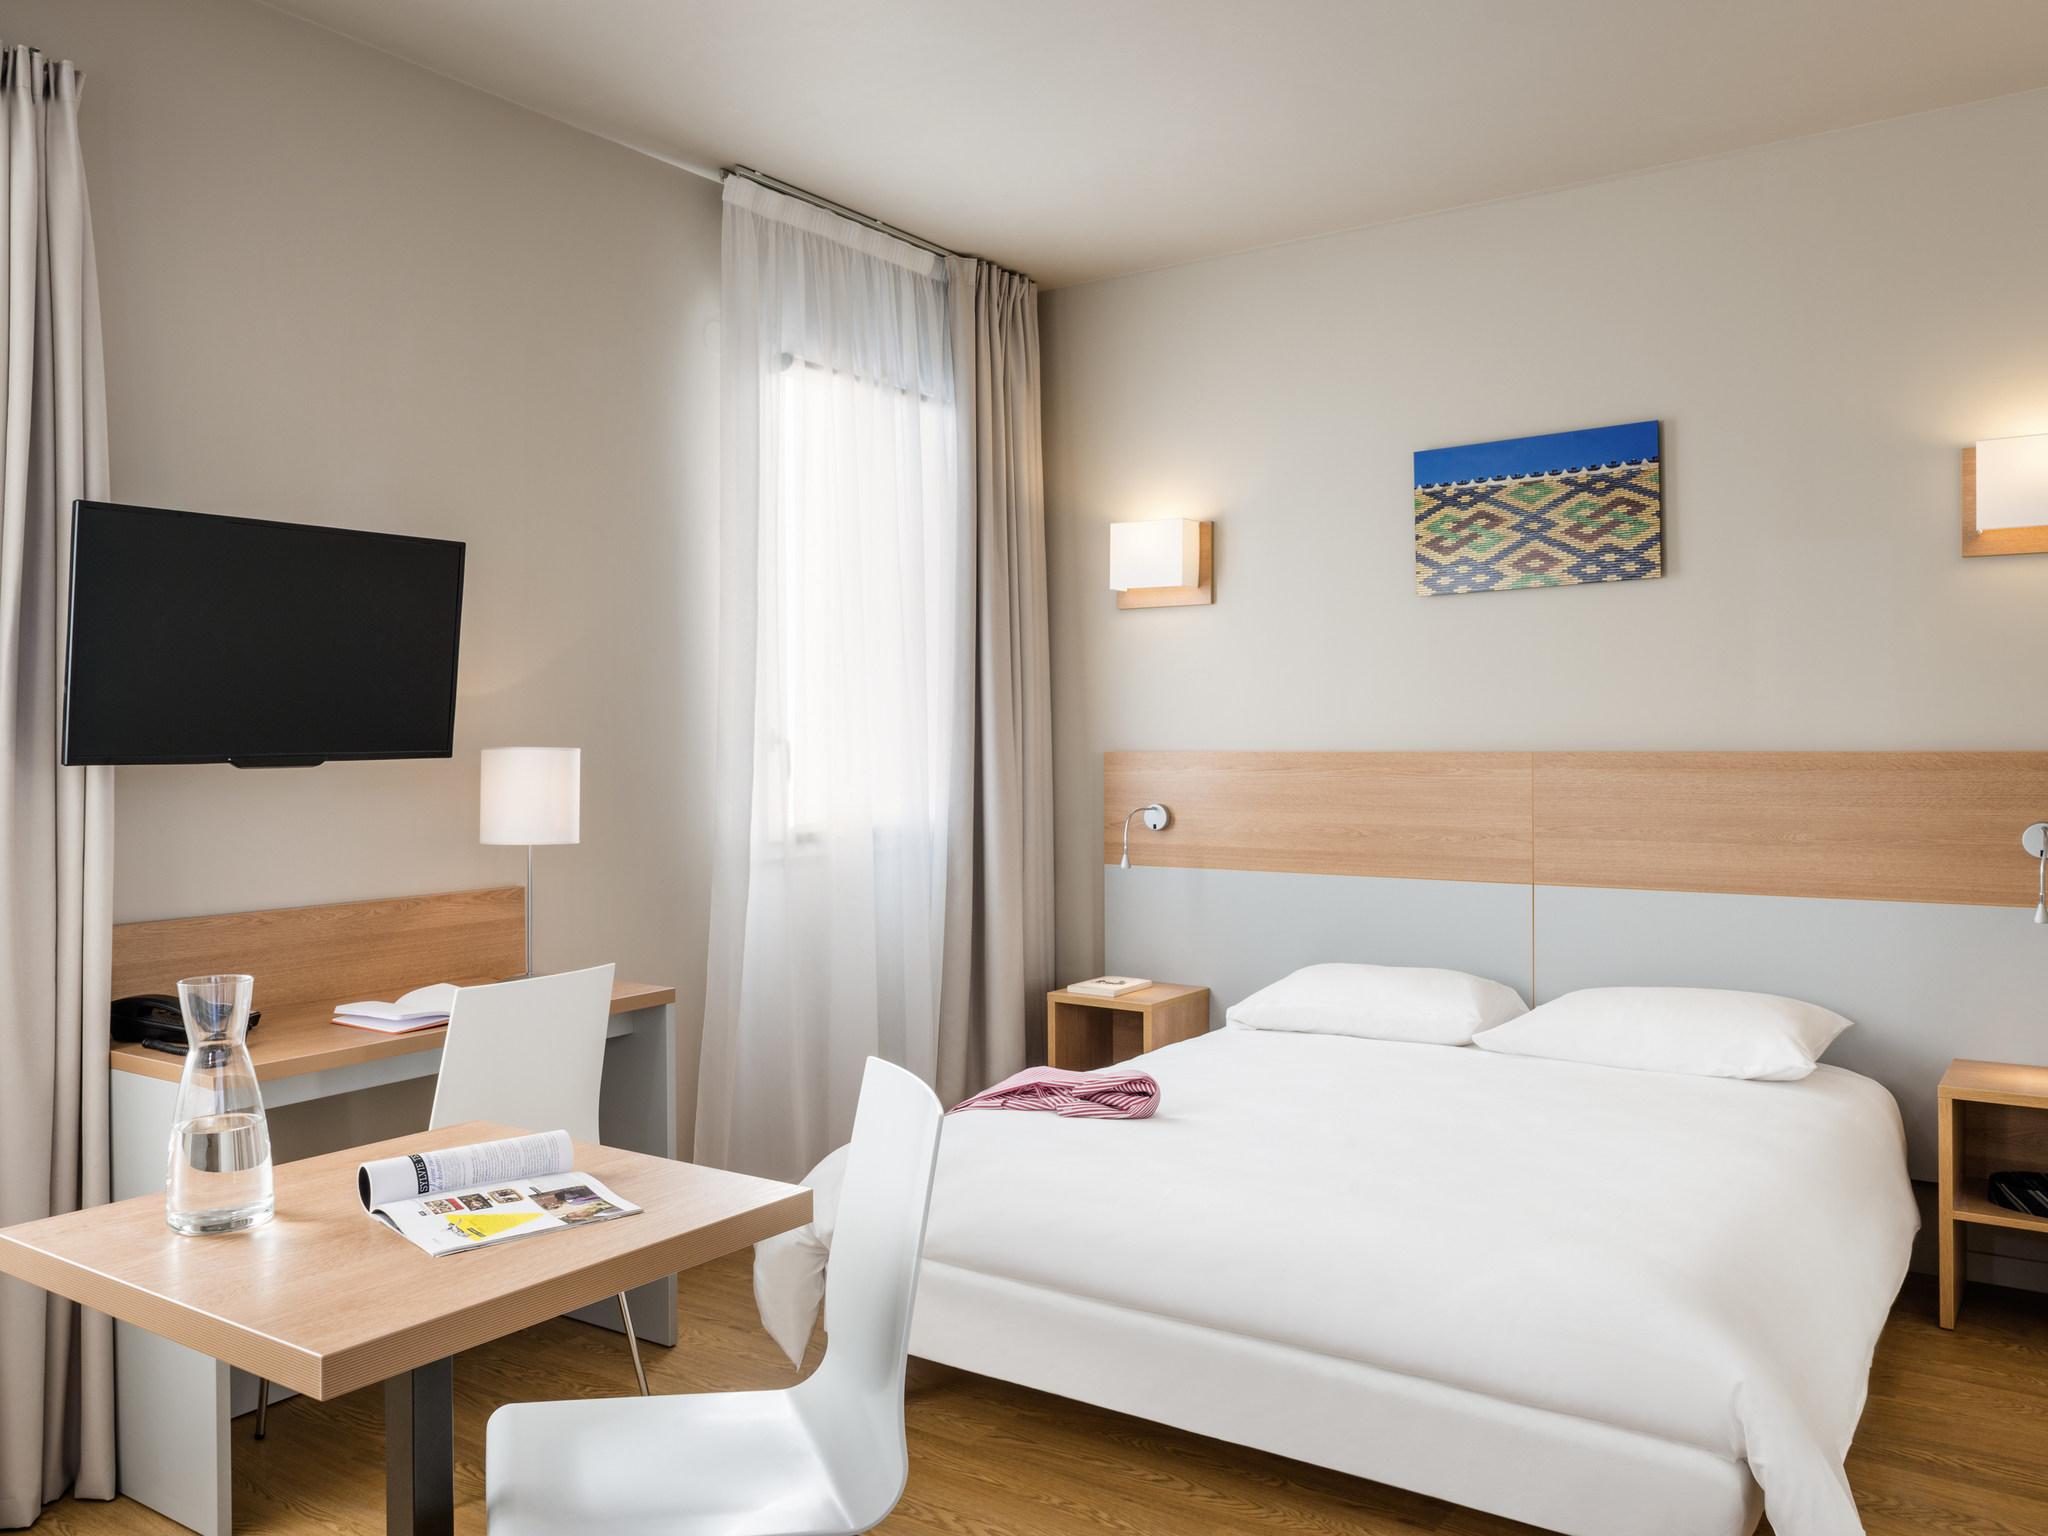 Hotel in dijon aparthotel adagio access dijon r publique for Apart hotel adagio